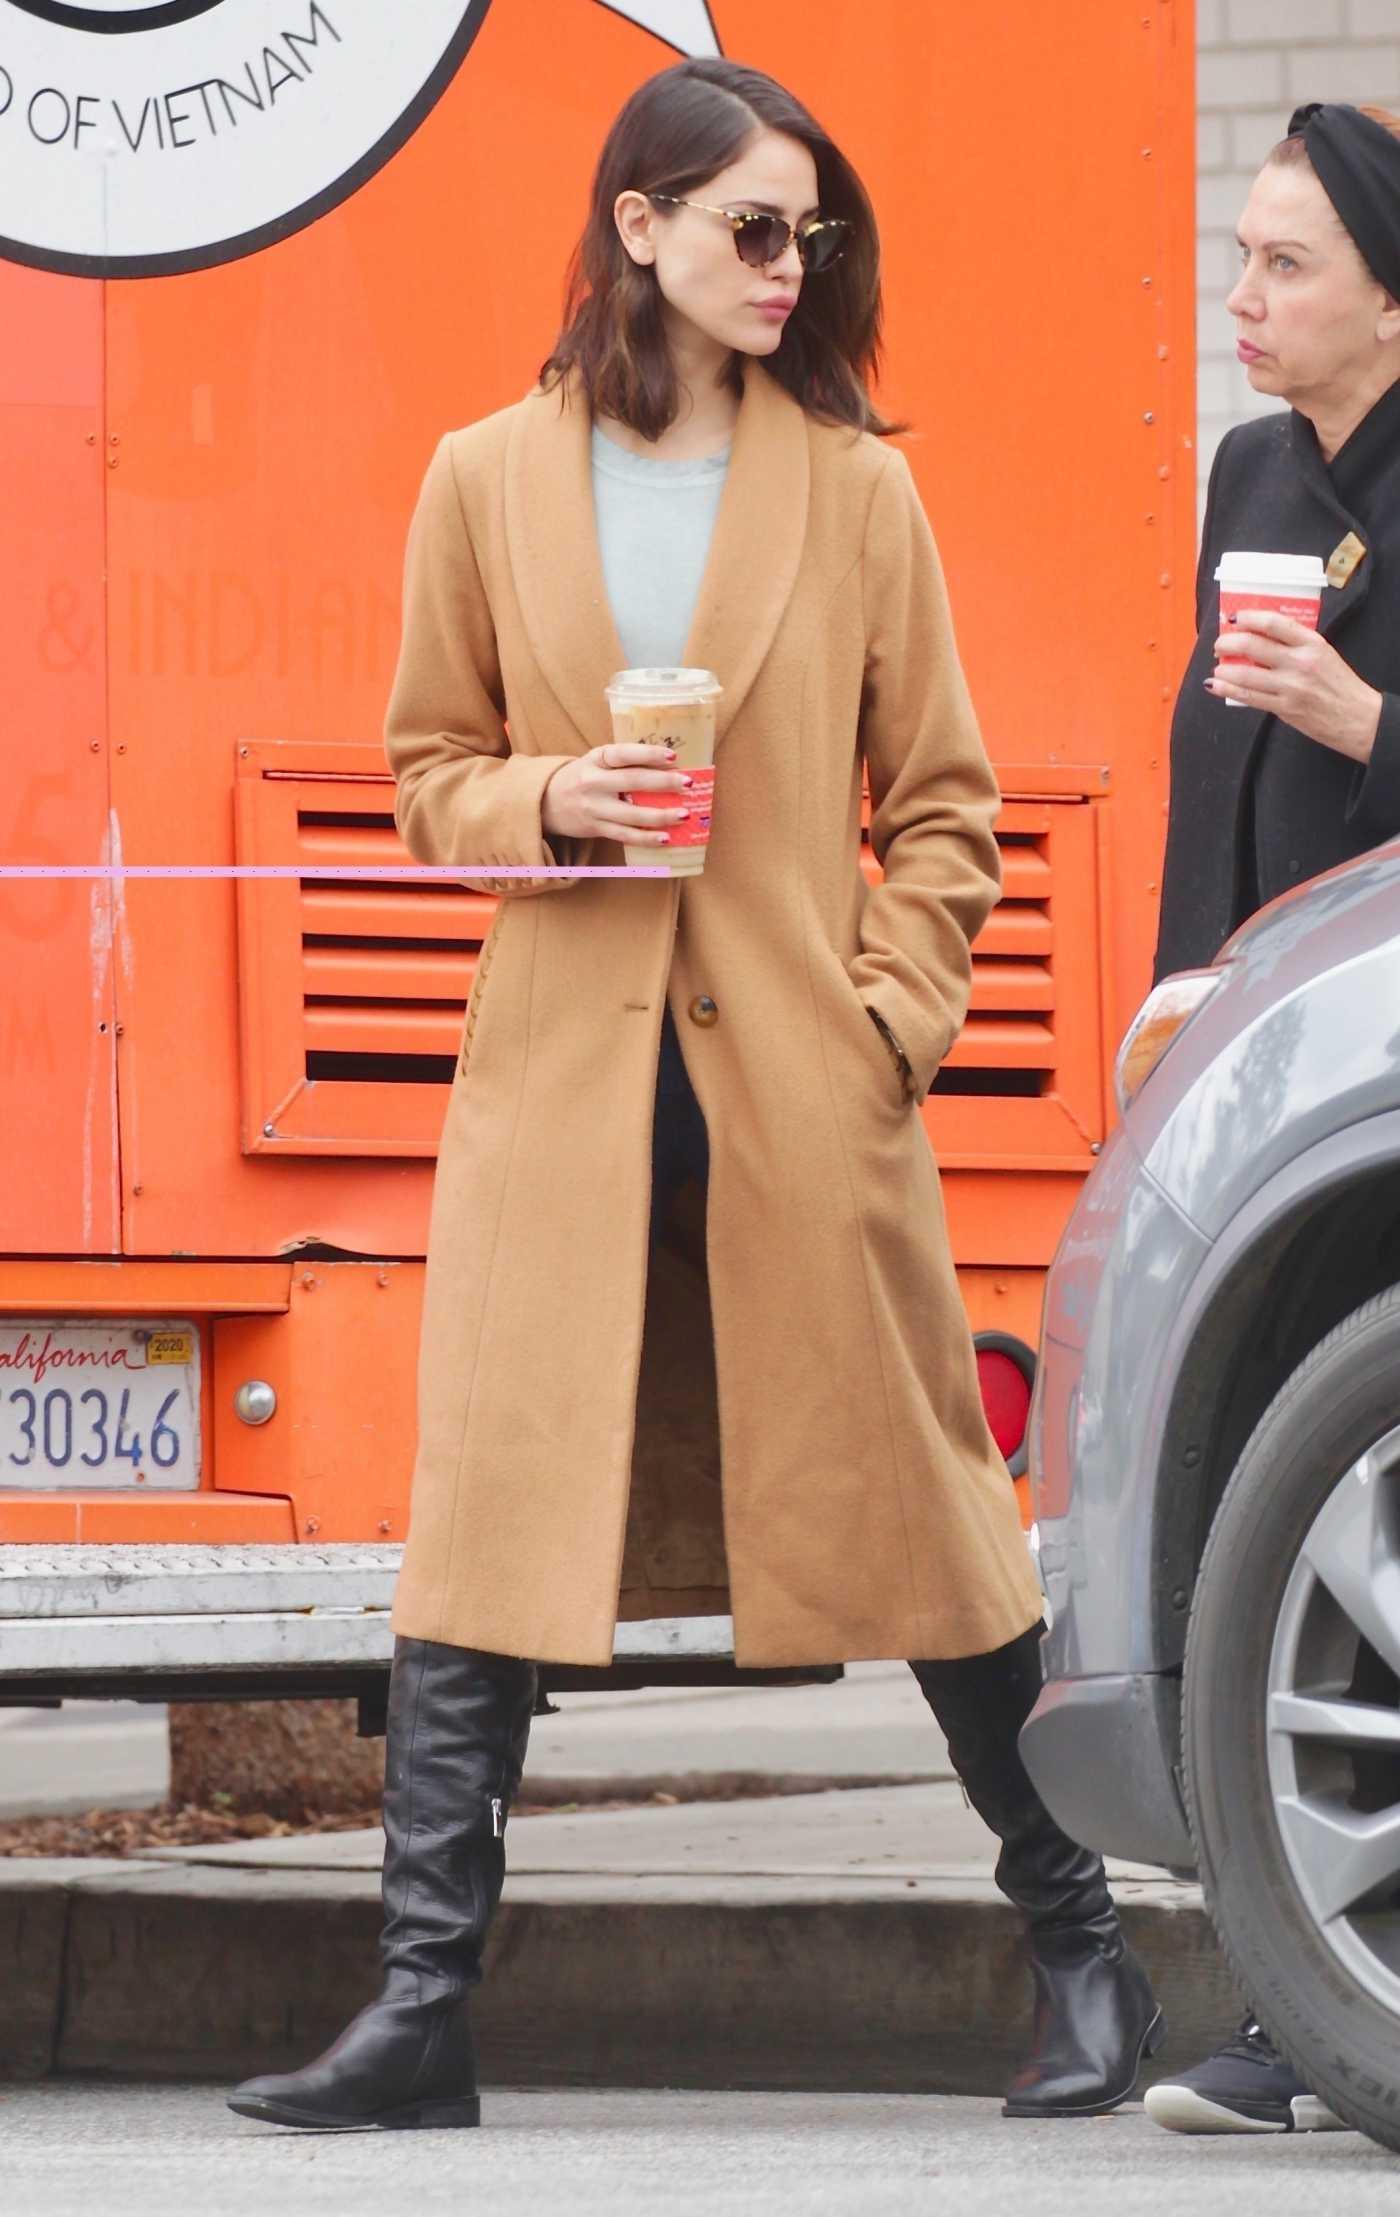 Eiza Gonzalez in a Beige Coat Was Seen Out in Los Angeles 03/14/2020